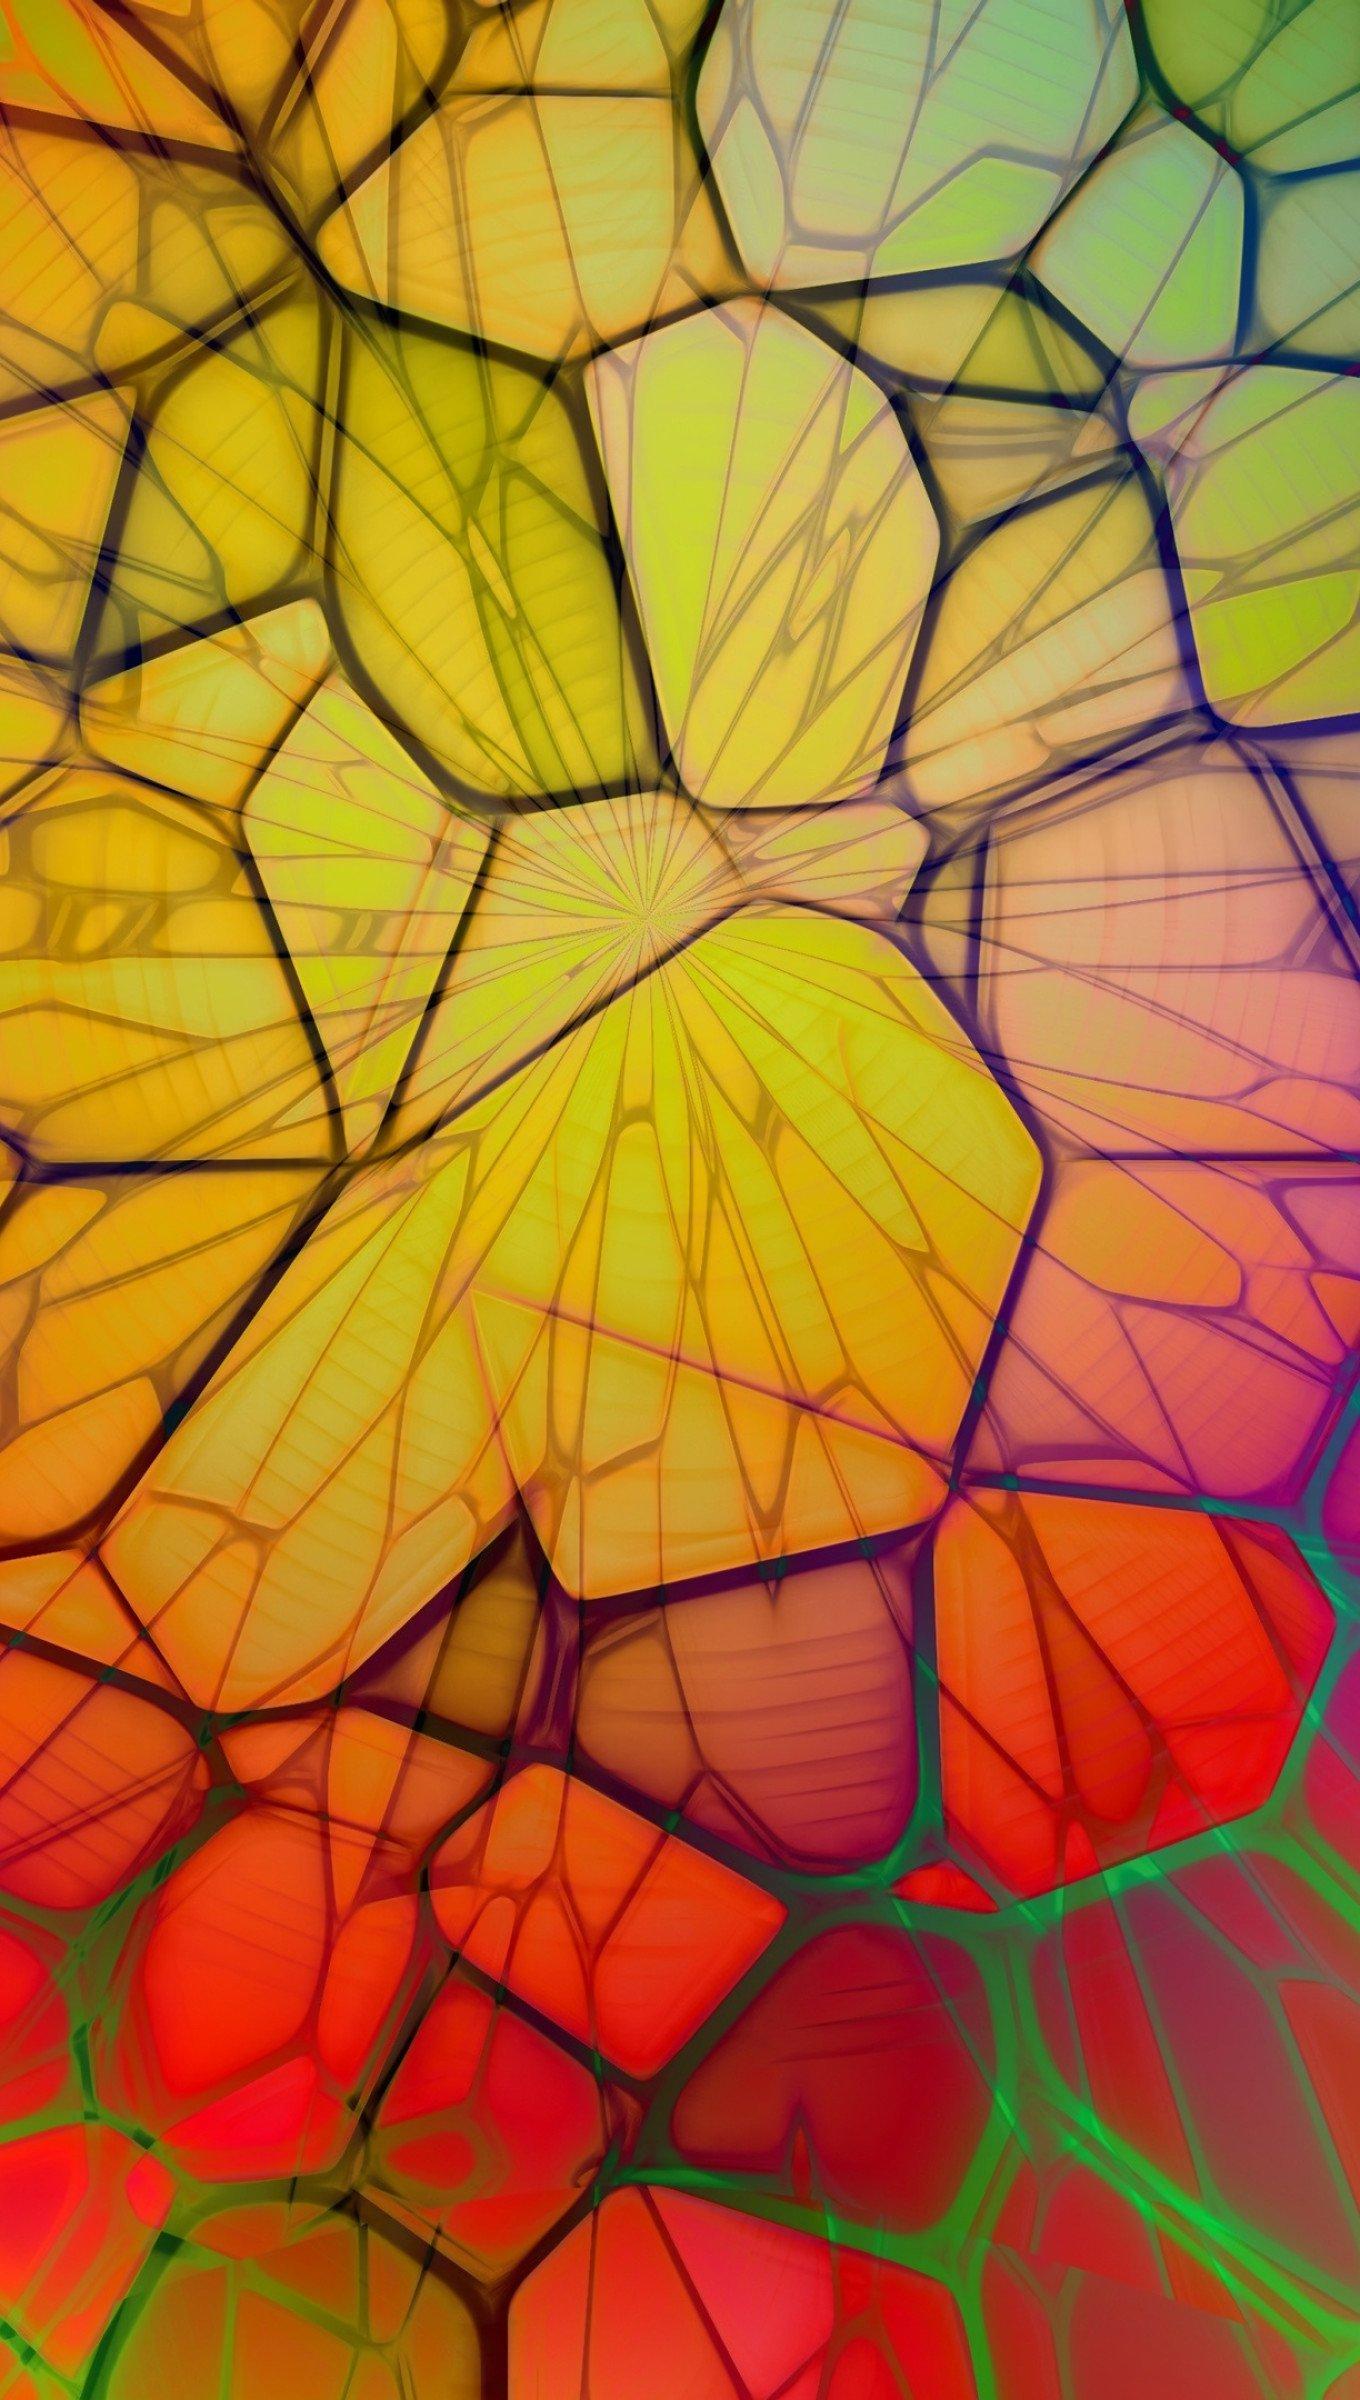 Fondos de pantalla Lineas geometricas en arcoiris Vertical